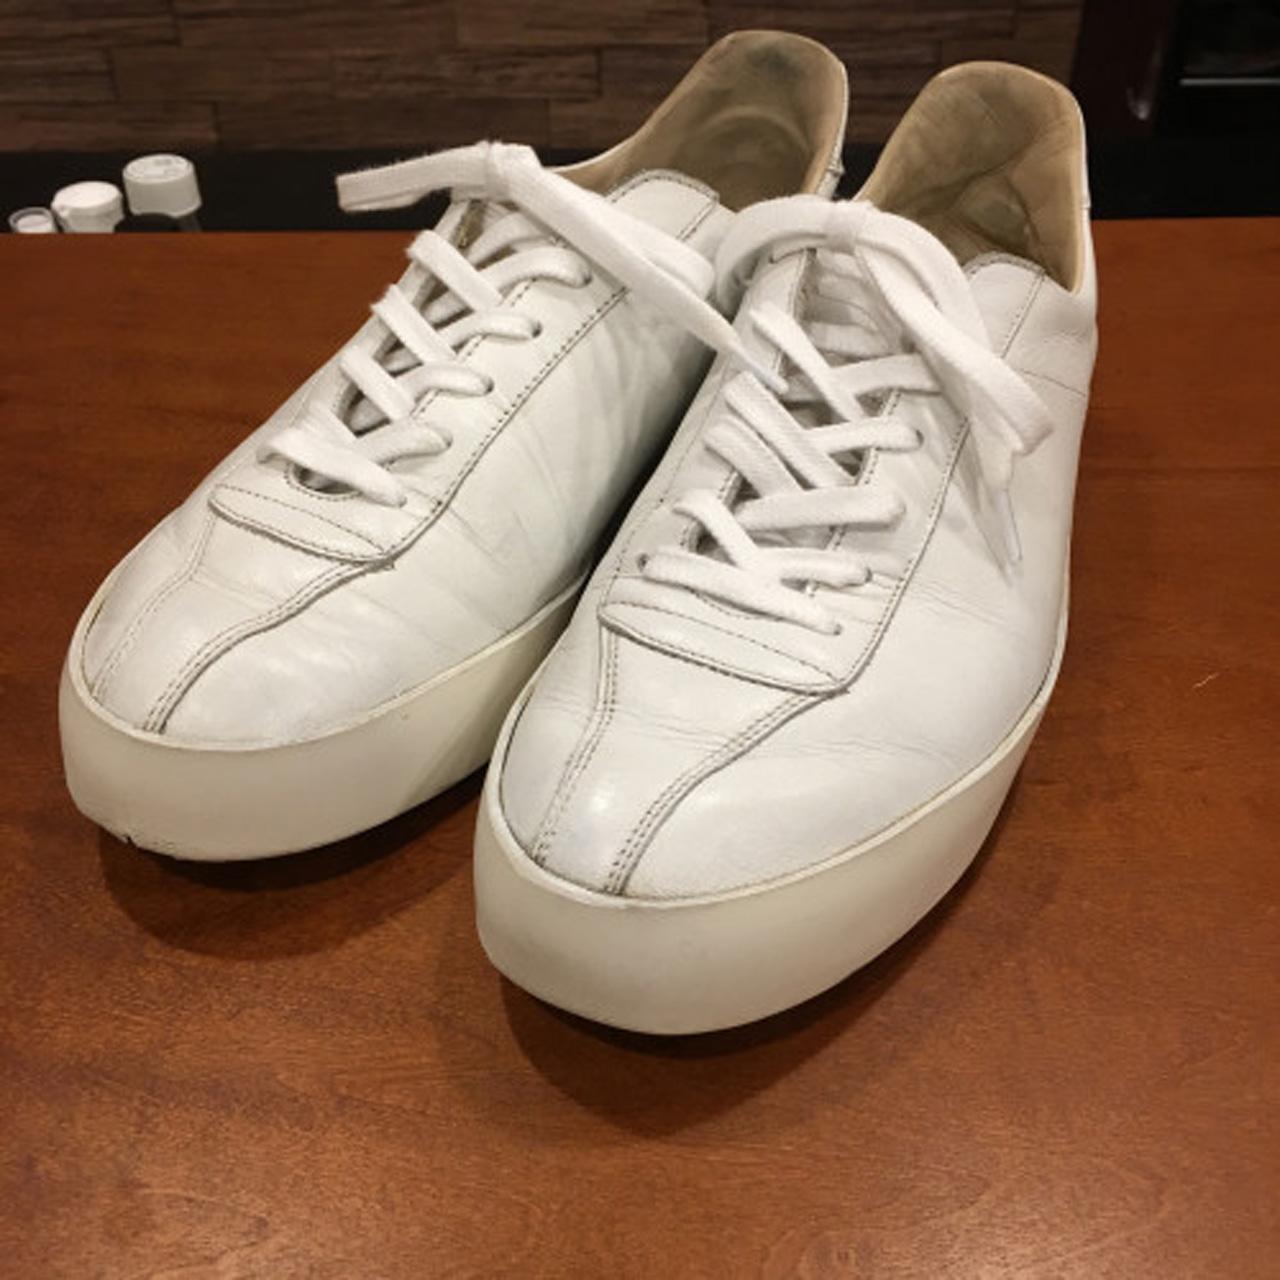 靴磨きゴムソール汚れ落とし